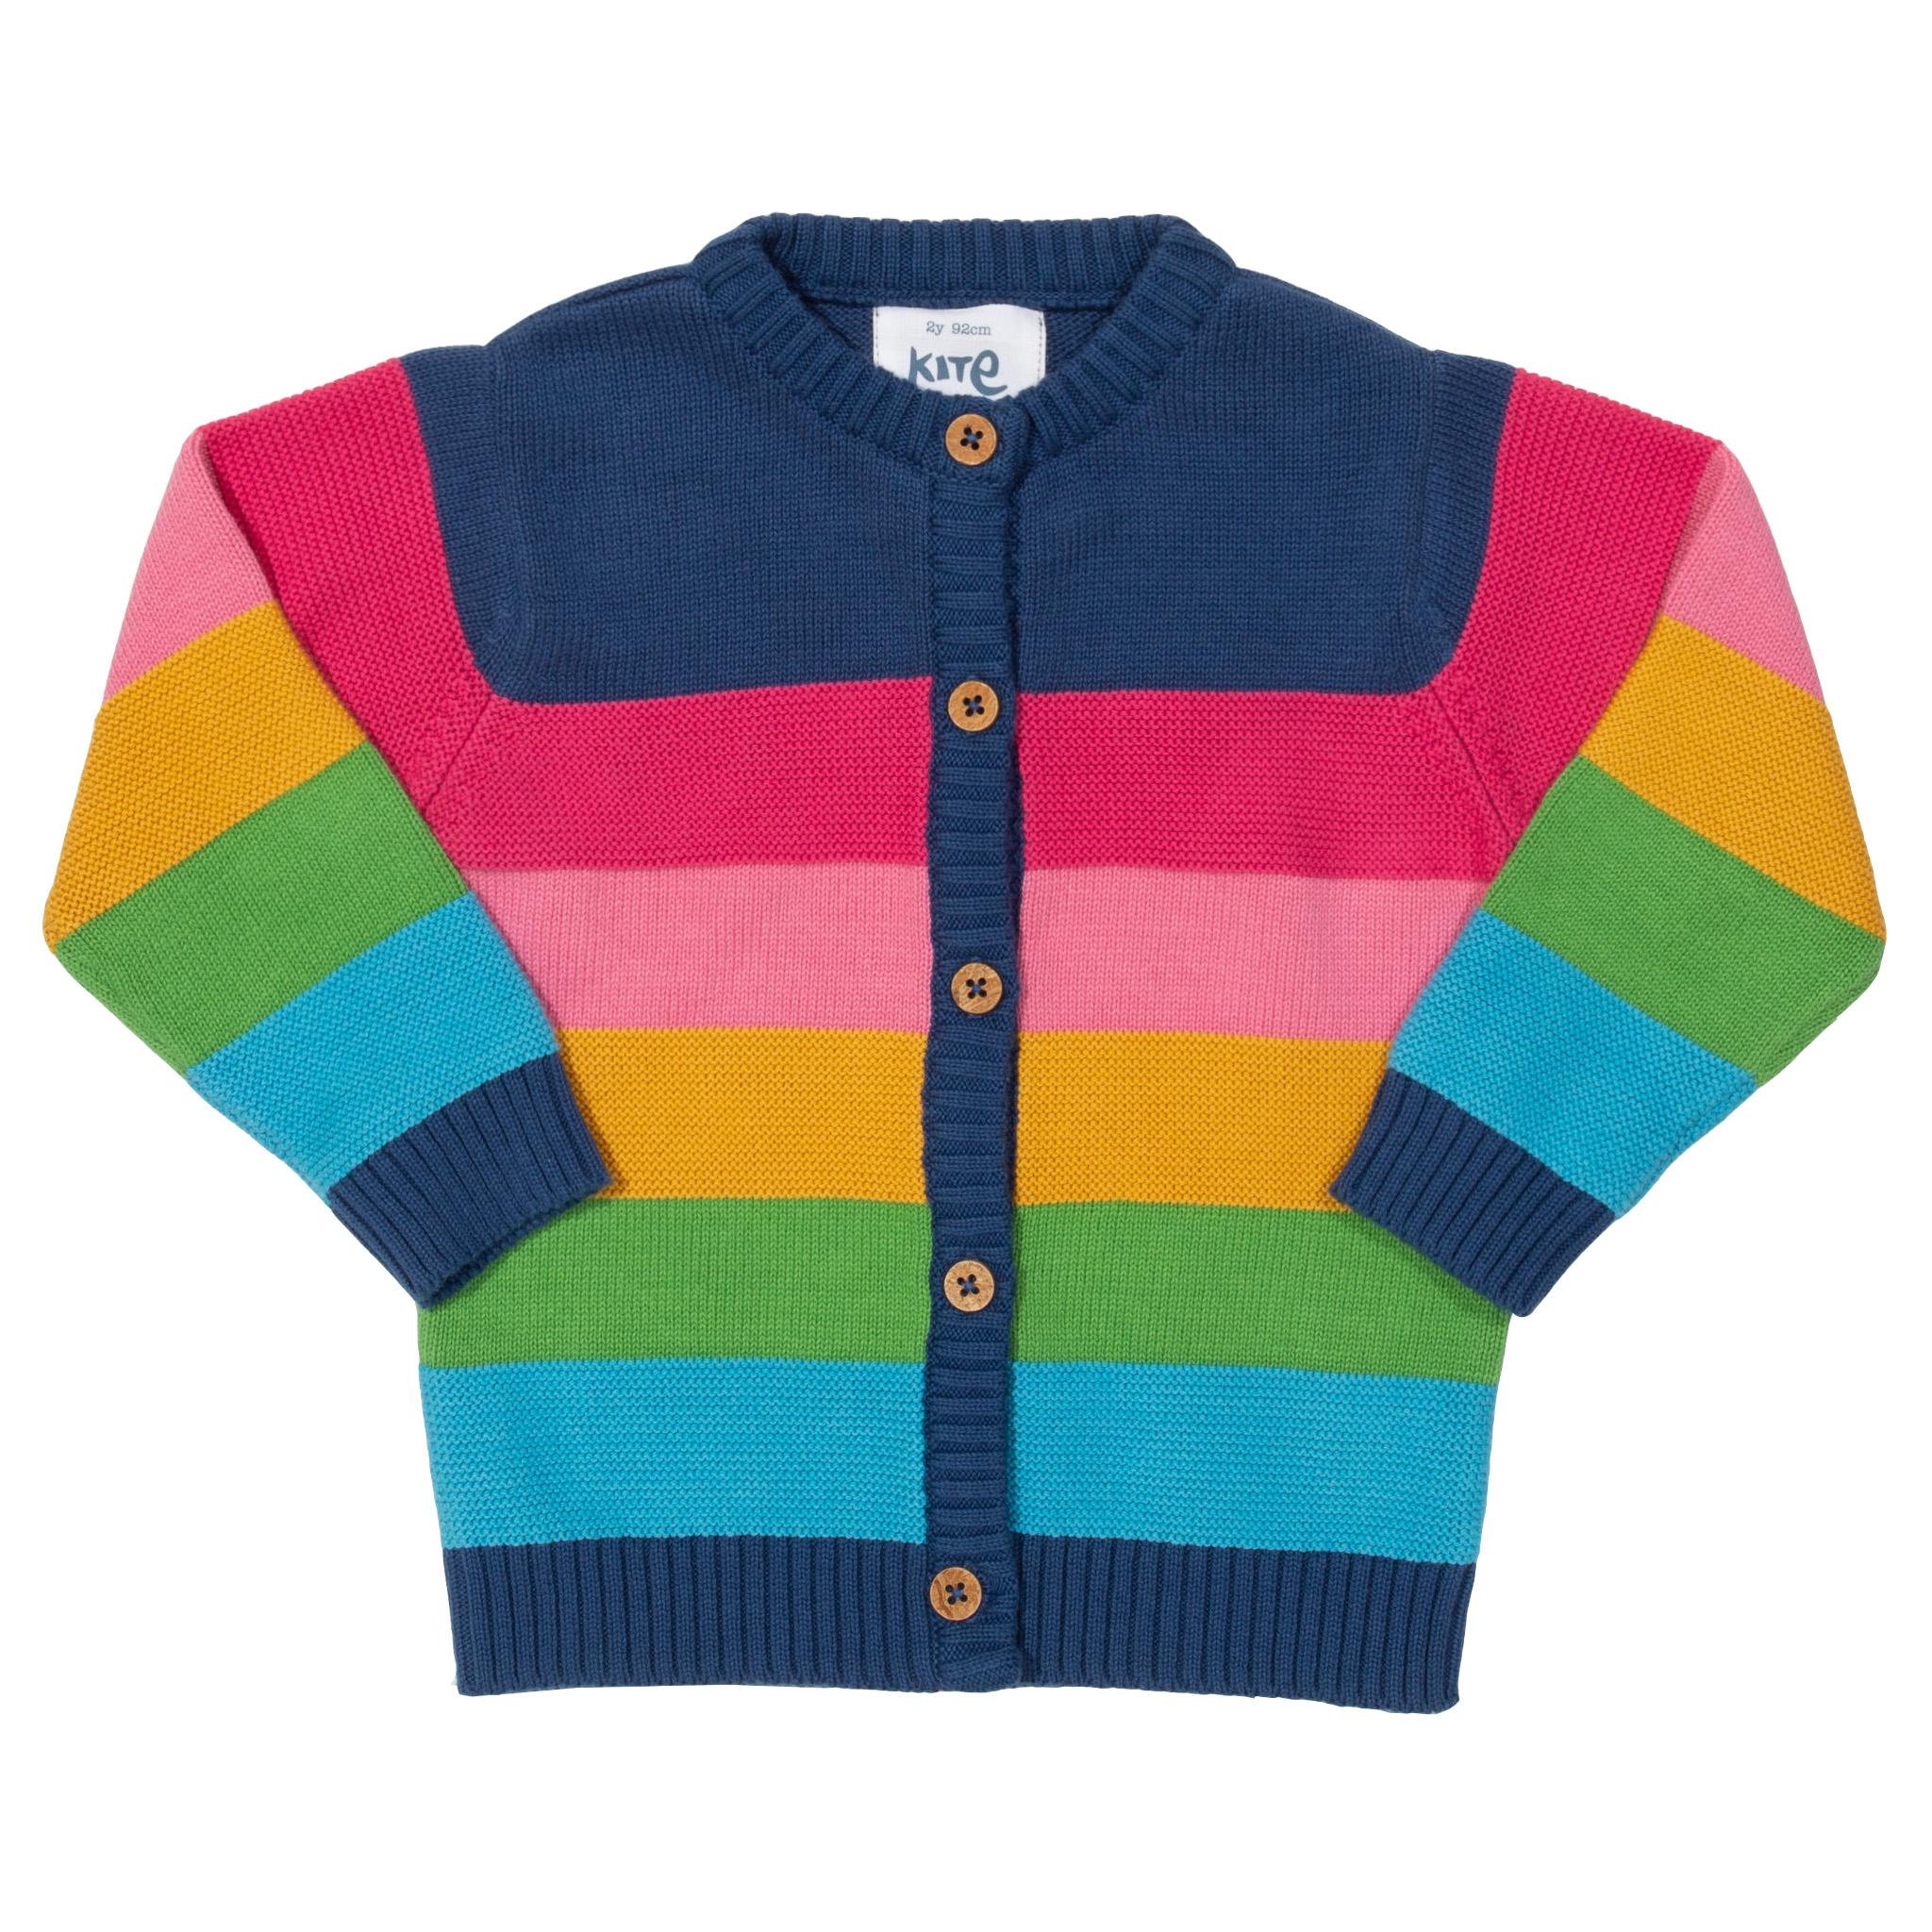 Kite Rainbow Cardigan